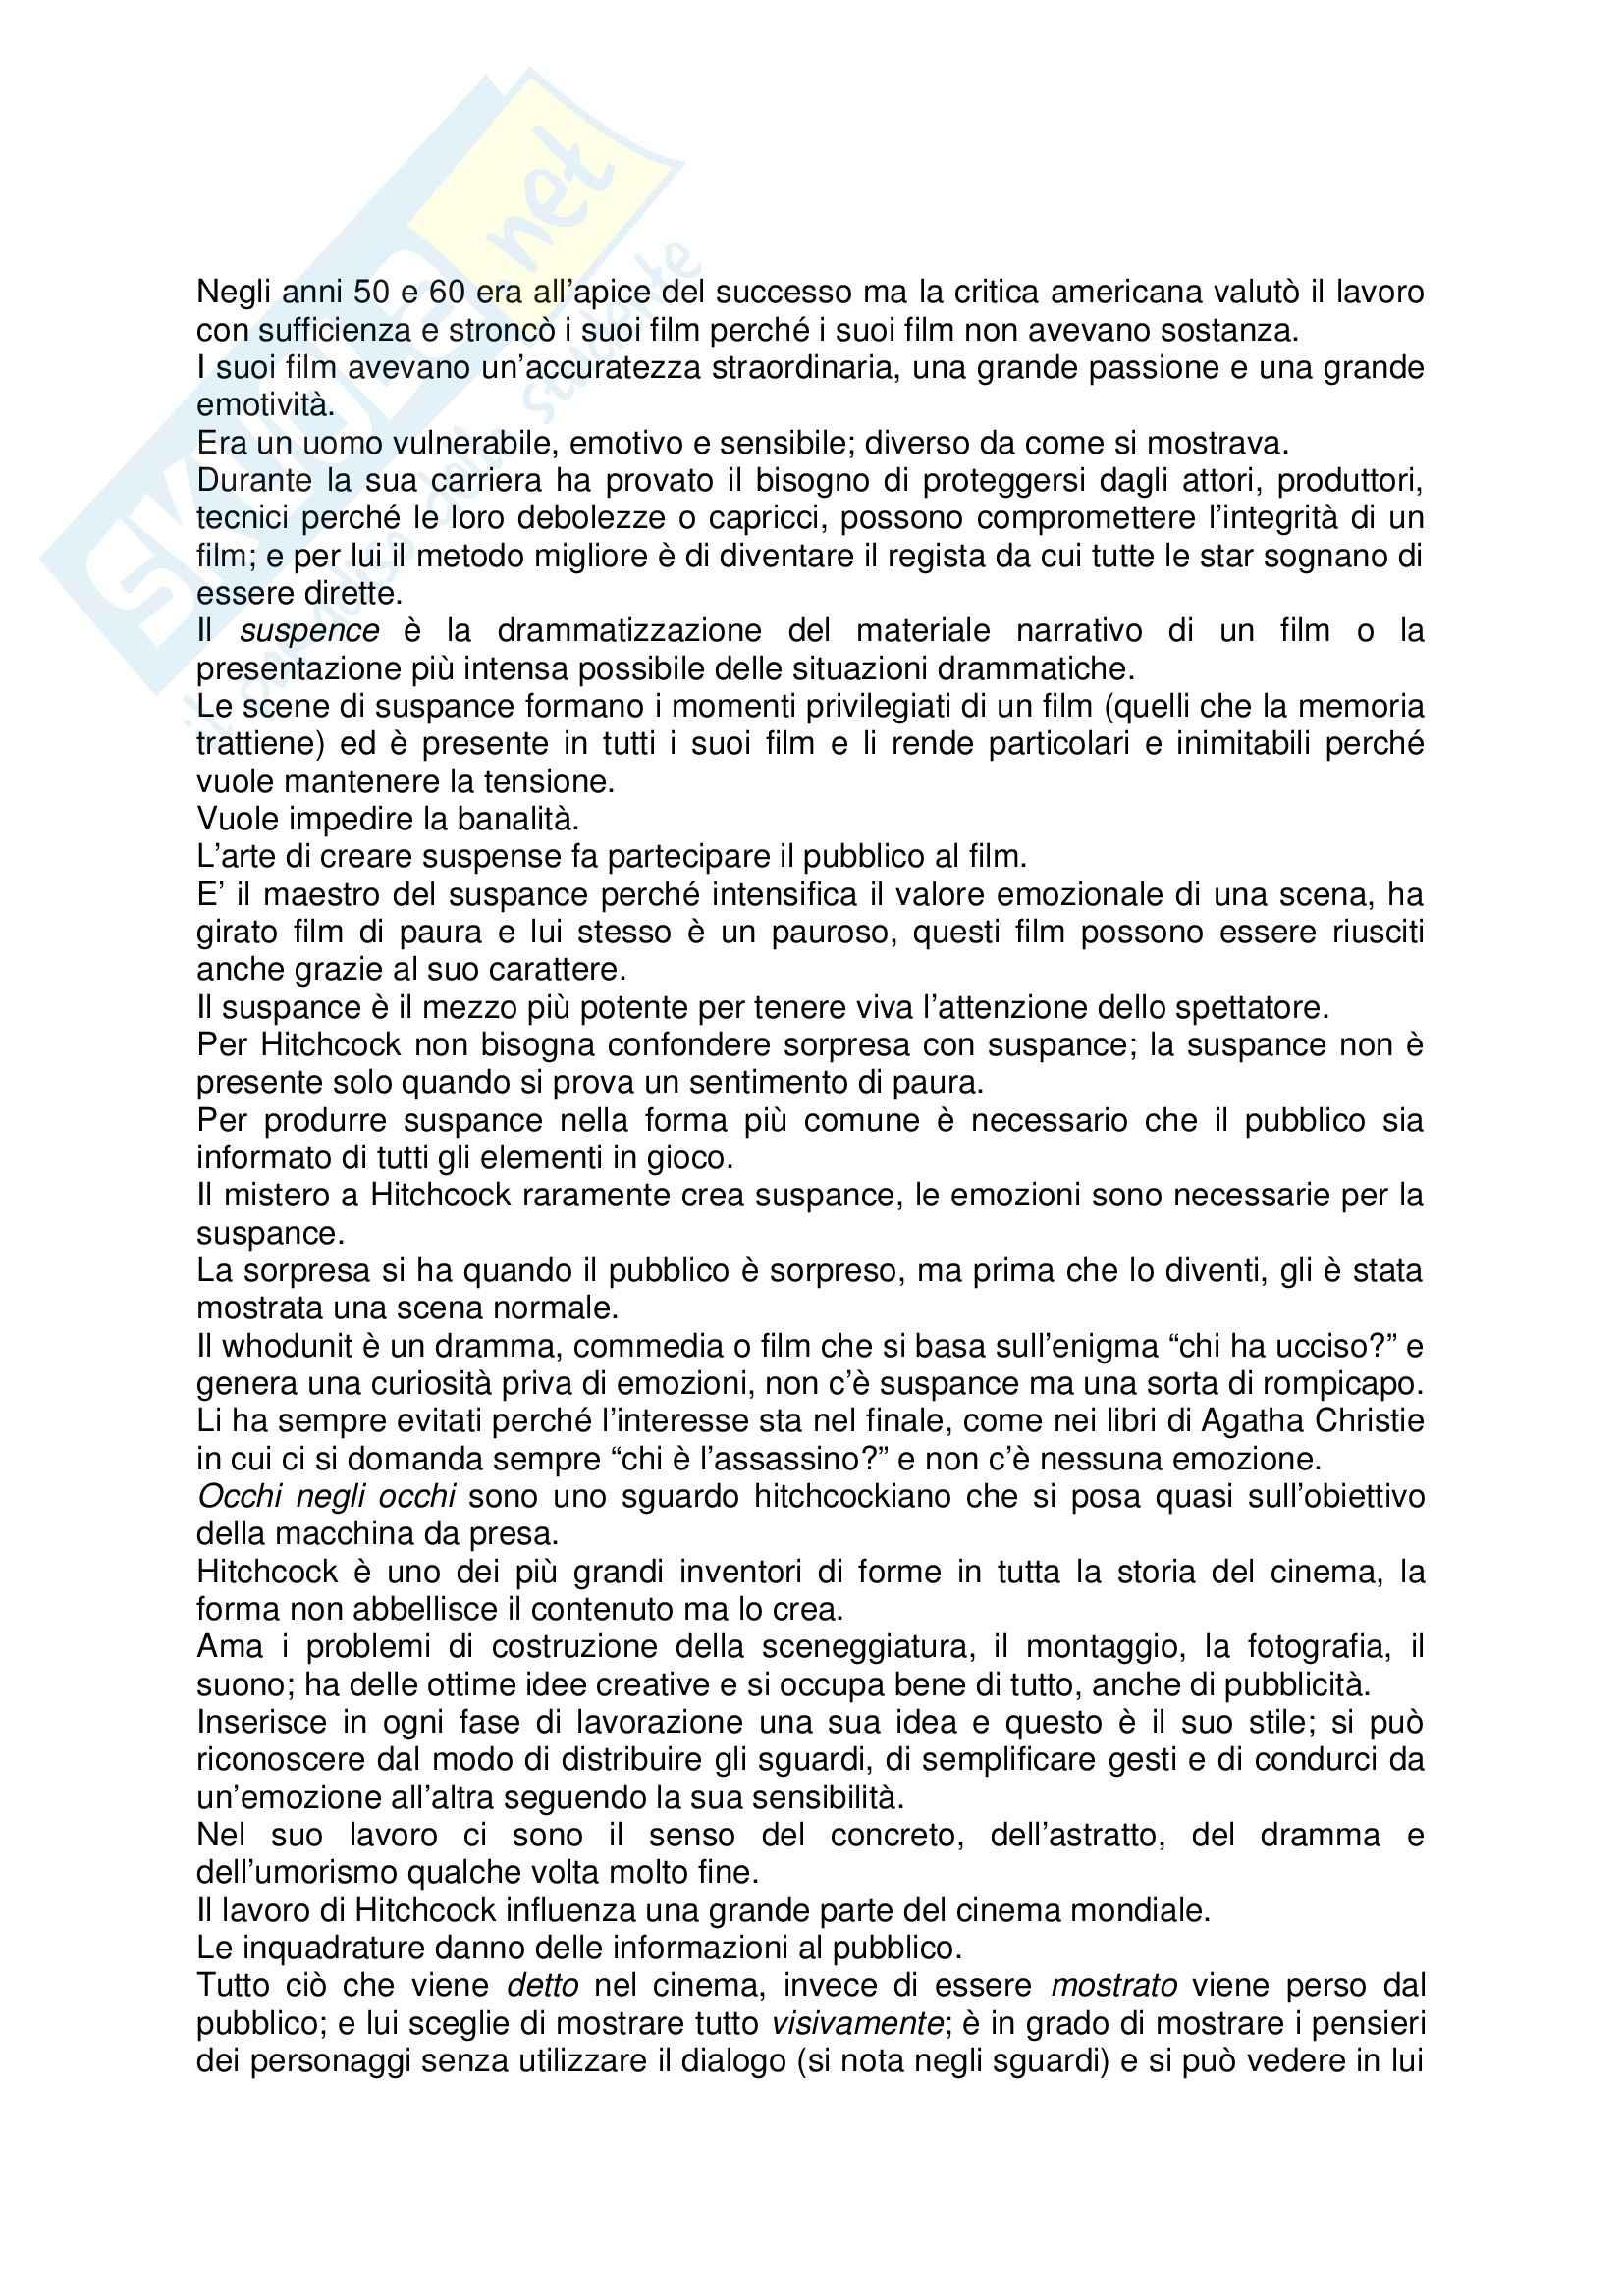 Riassunto esame Storia del cinema, prof. Carlini, libro consigliato Il Cinema Secondo Hitchcock, Truffaut